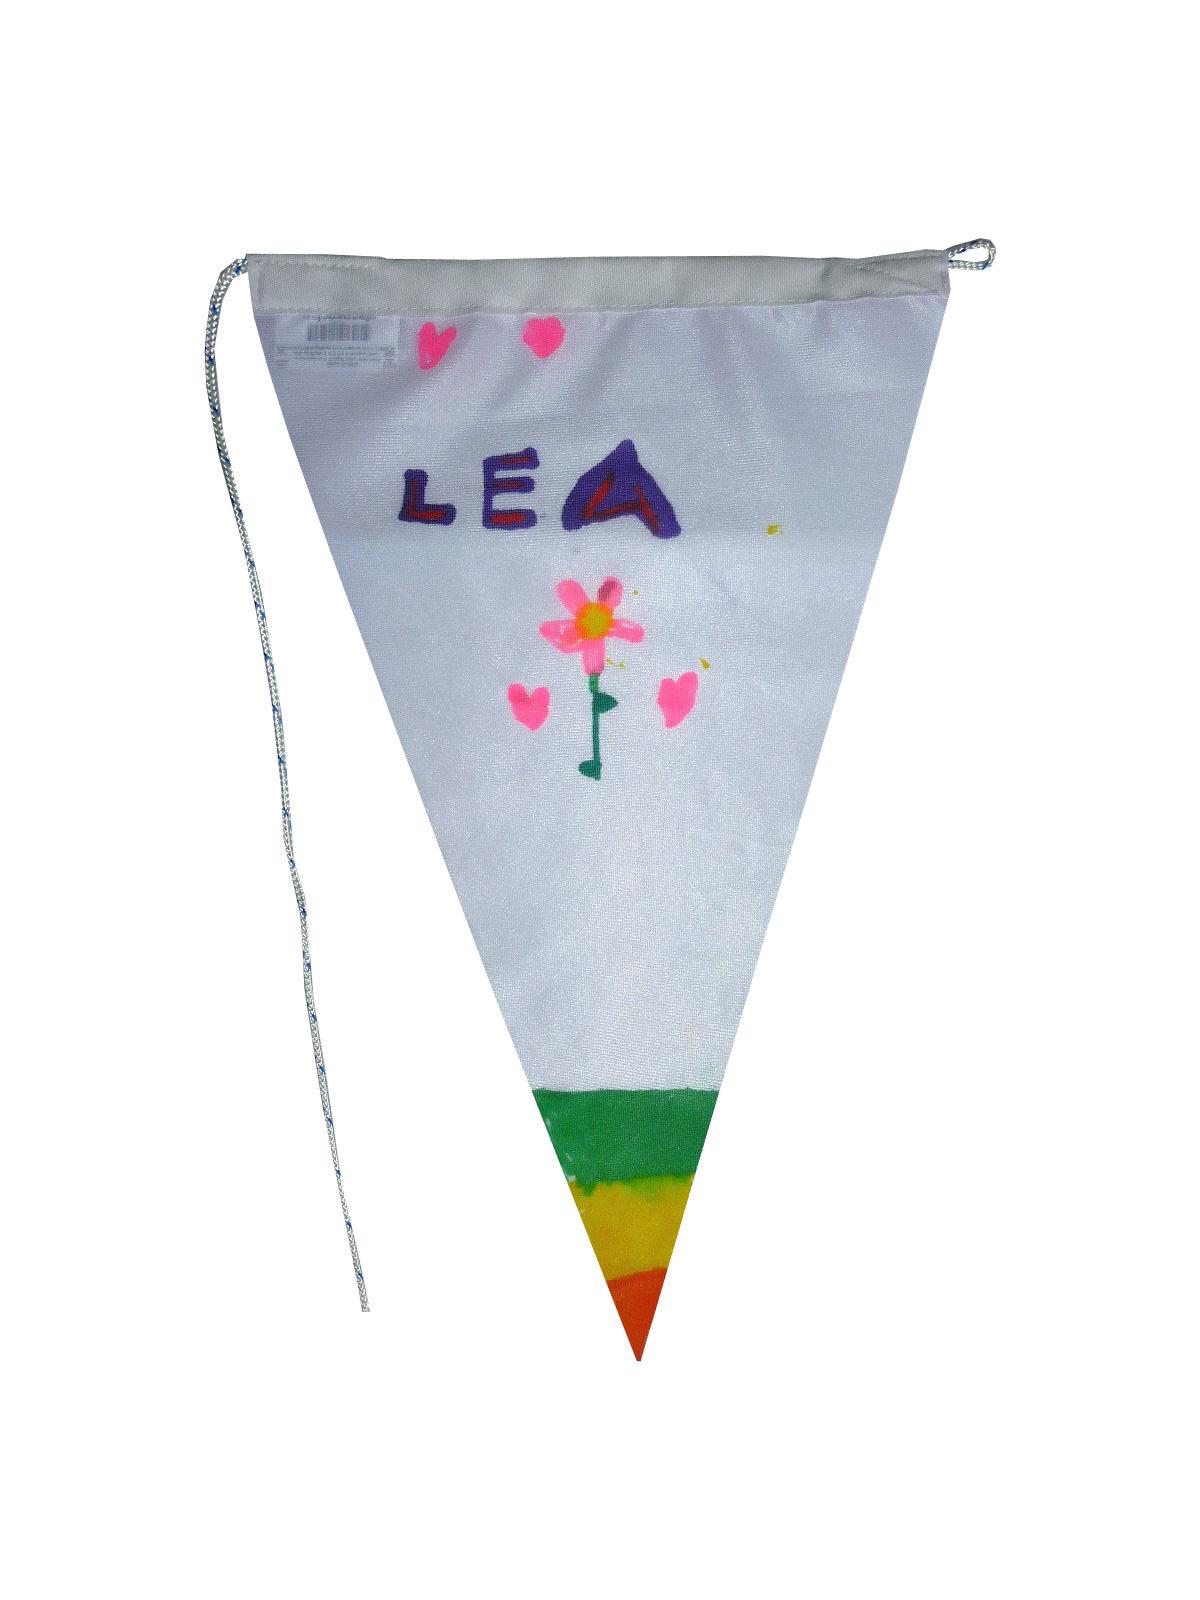 Voorbeeld wimpel voor het maken van je eigen vlaggenlijn